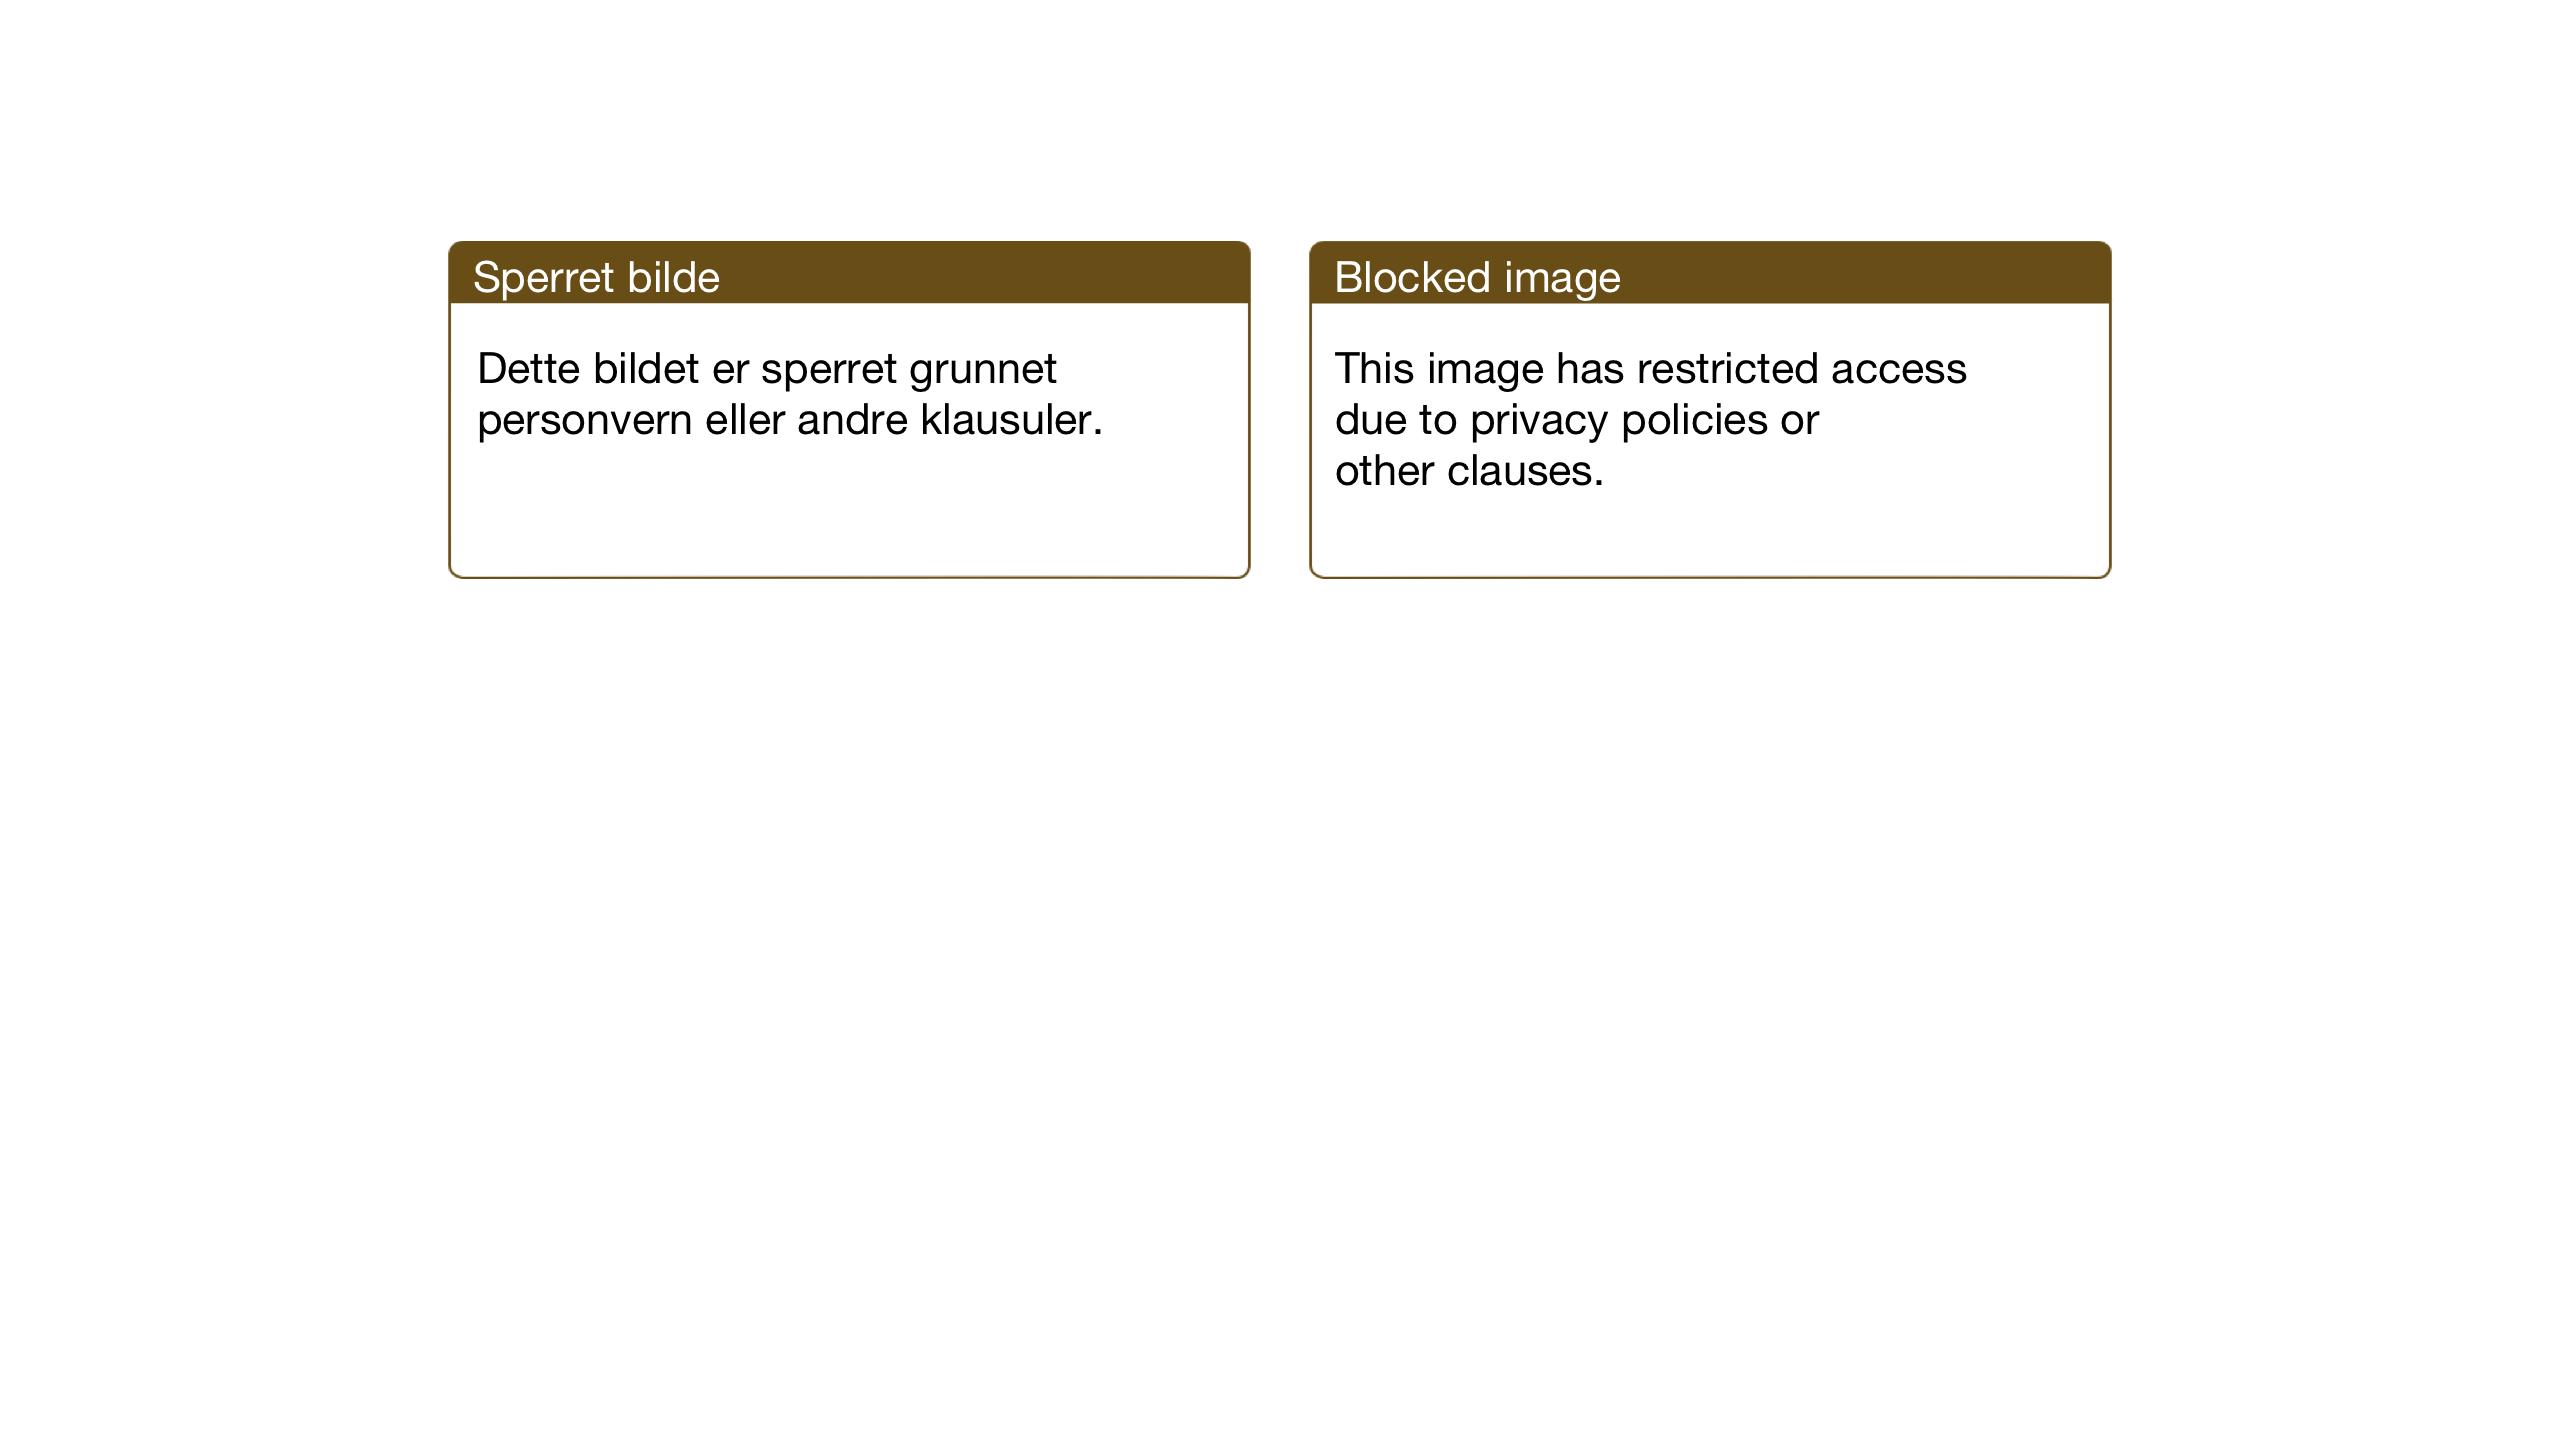 SAT, Ministerialprotokoller, klokkerbøker og fødselsregistre - Nord-Trøndelag, 757/L0507: Klokkerbok nr. 757C02, 1923-1939, s. 27